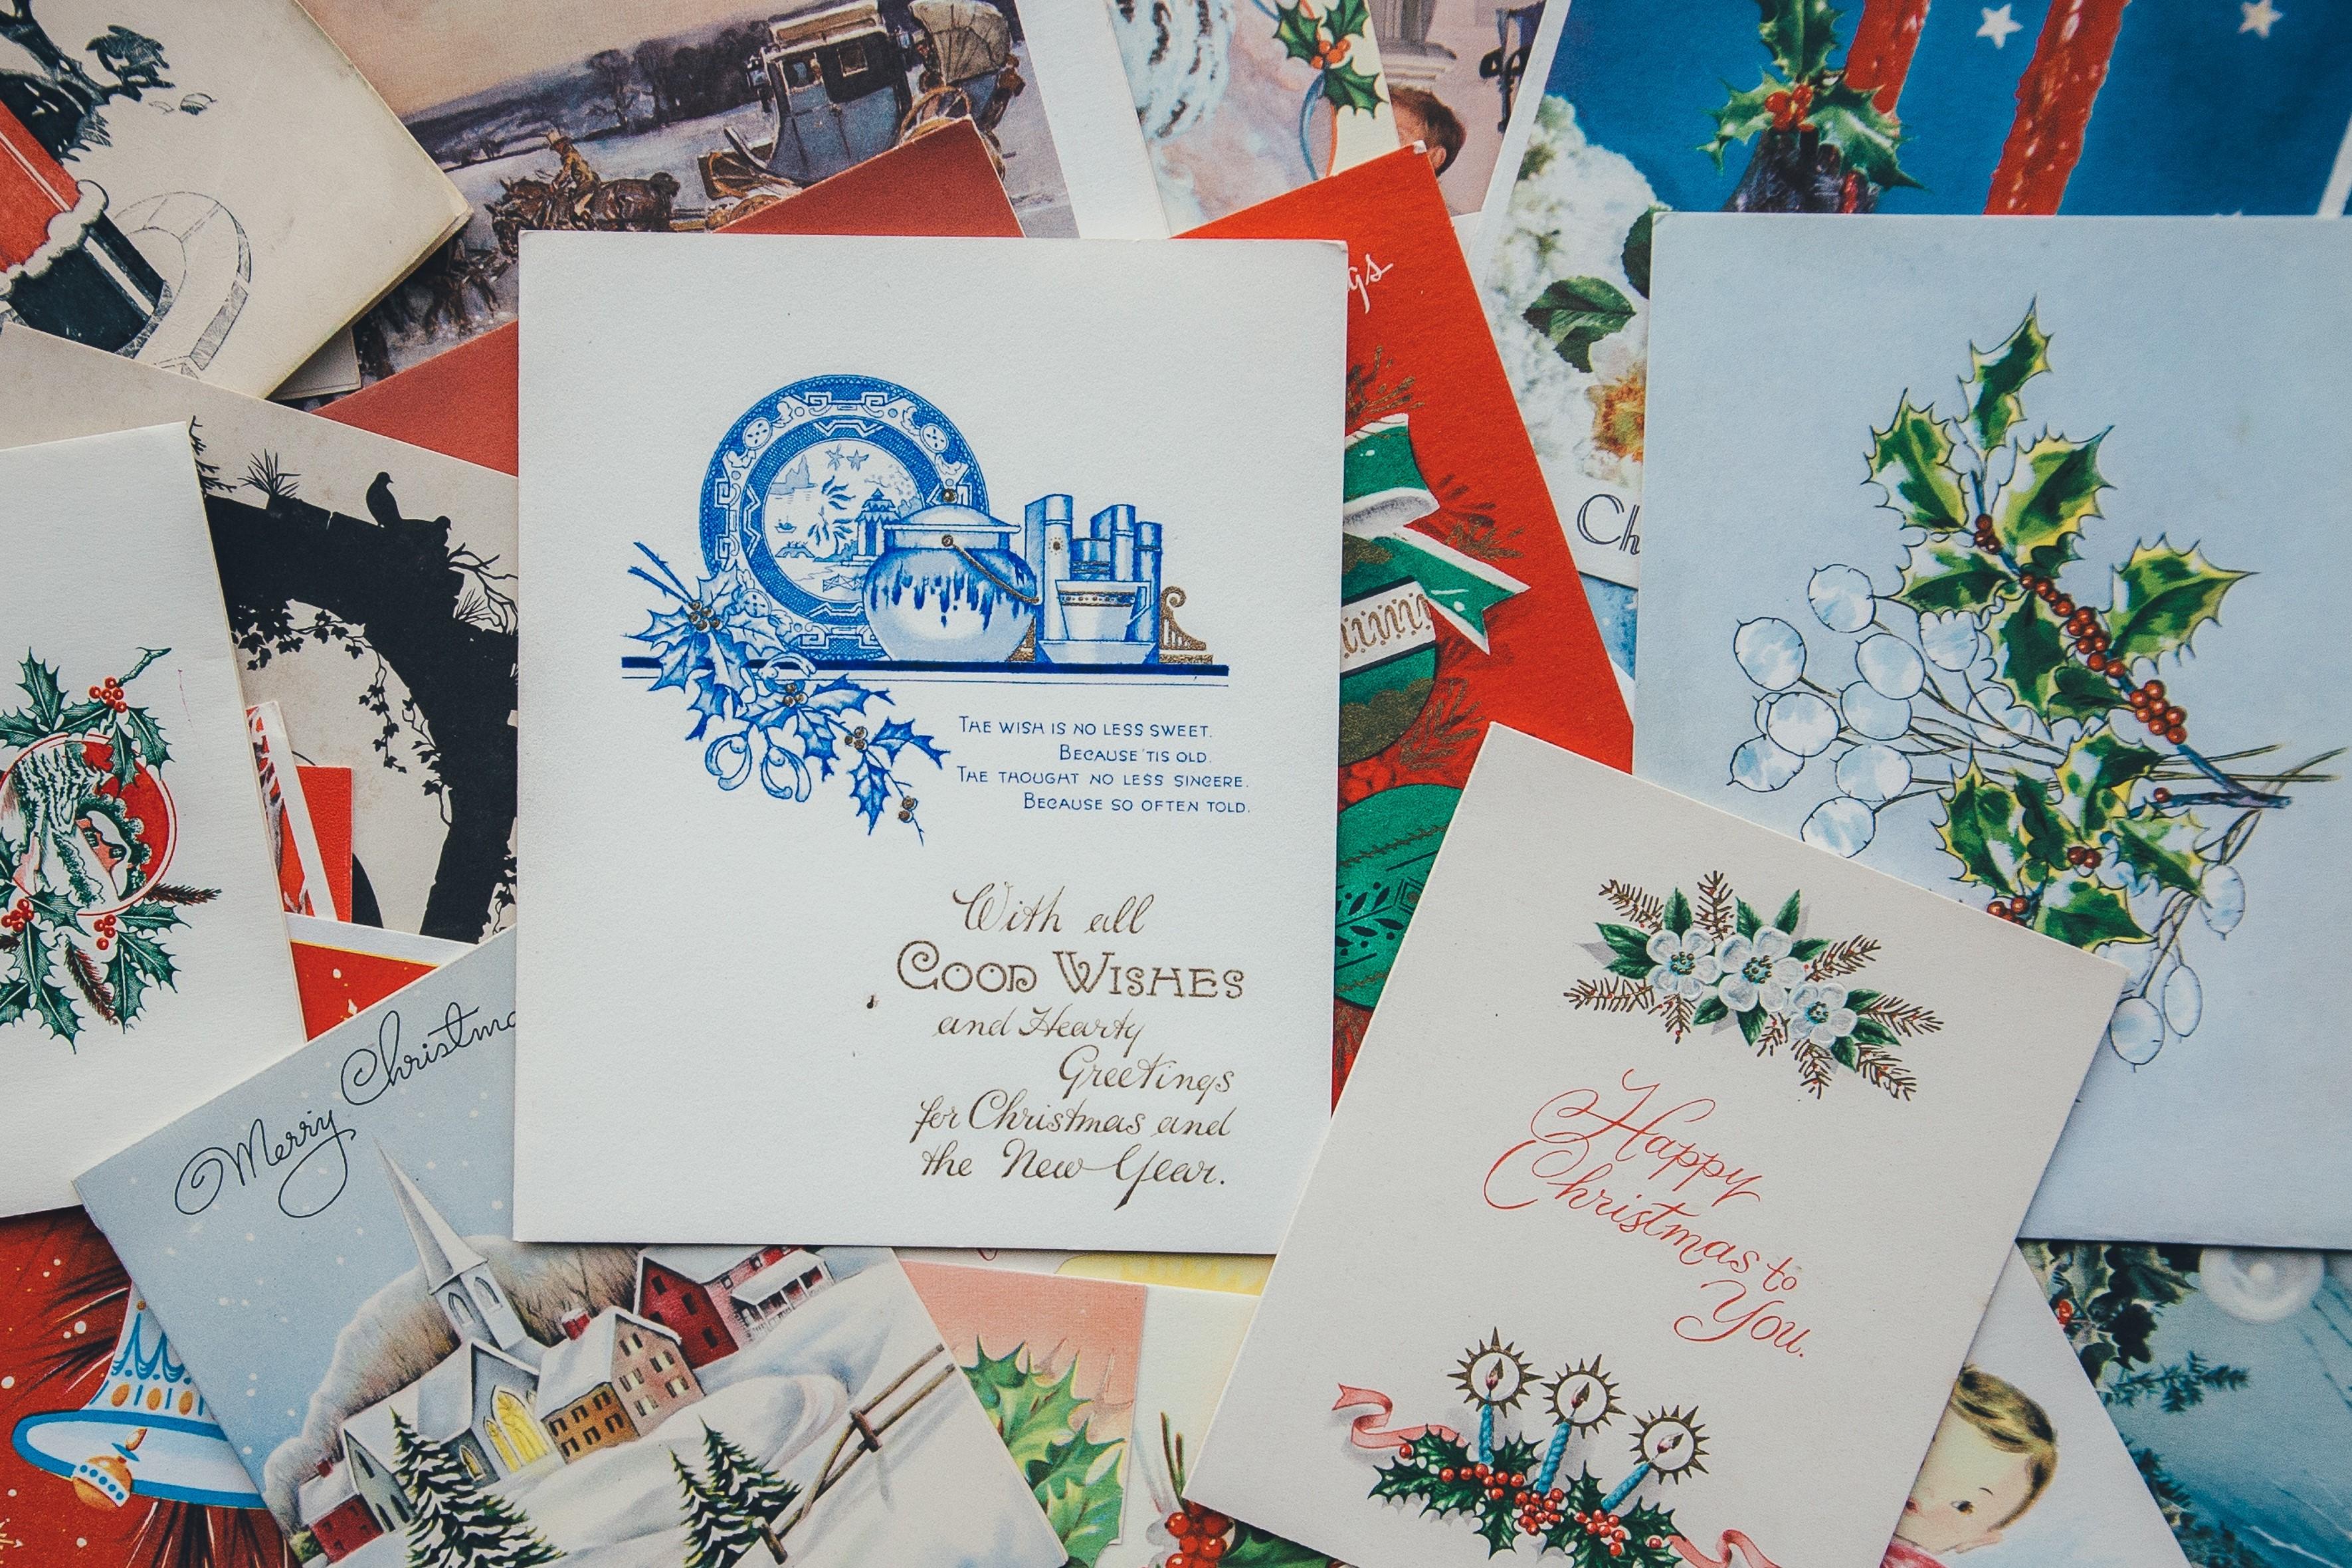 etykieta biurowa wysyłanie życzeń savoir-vivre DSK Experts